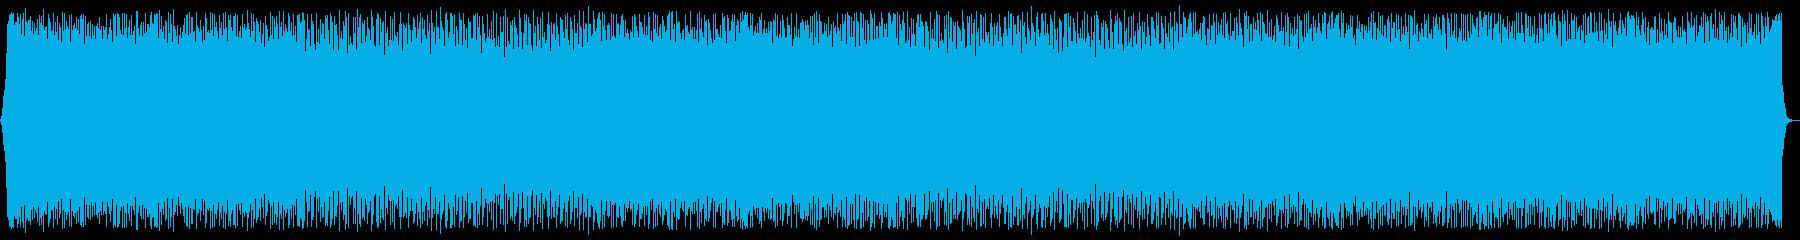 ロックエレクトロ_No669_1の再生済みの波形